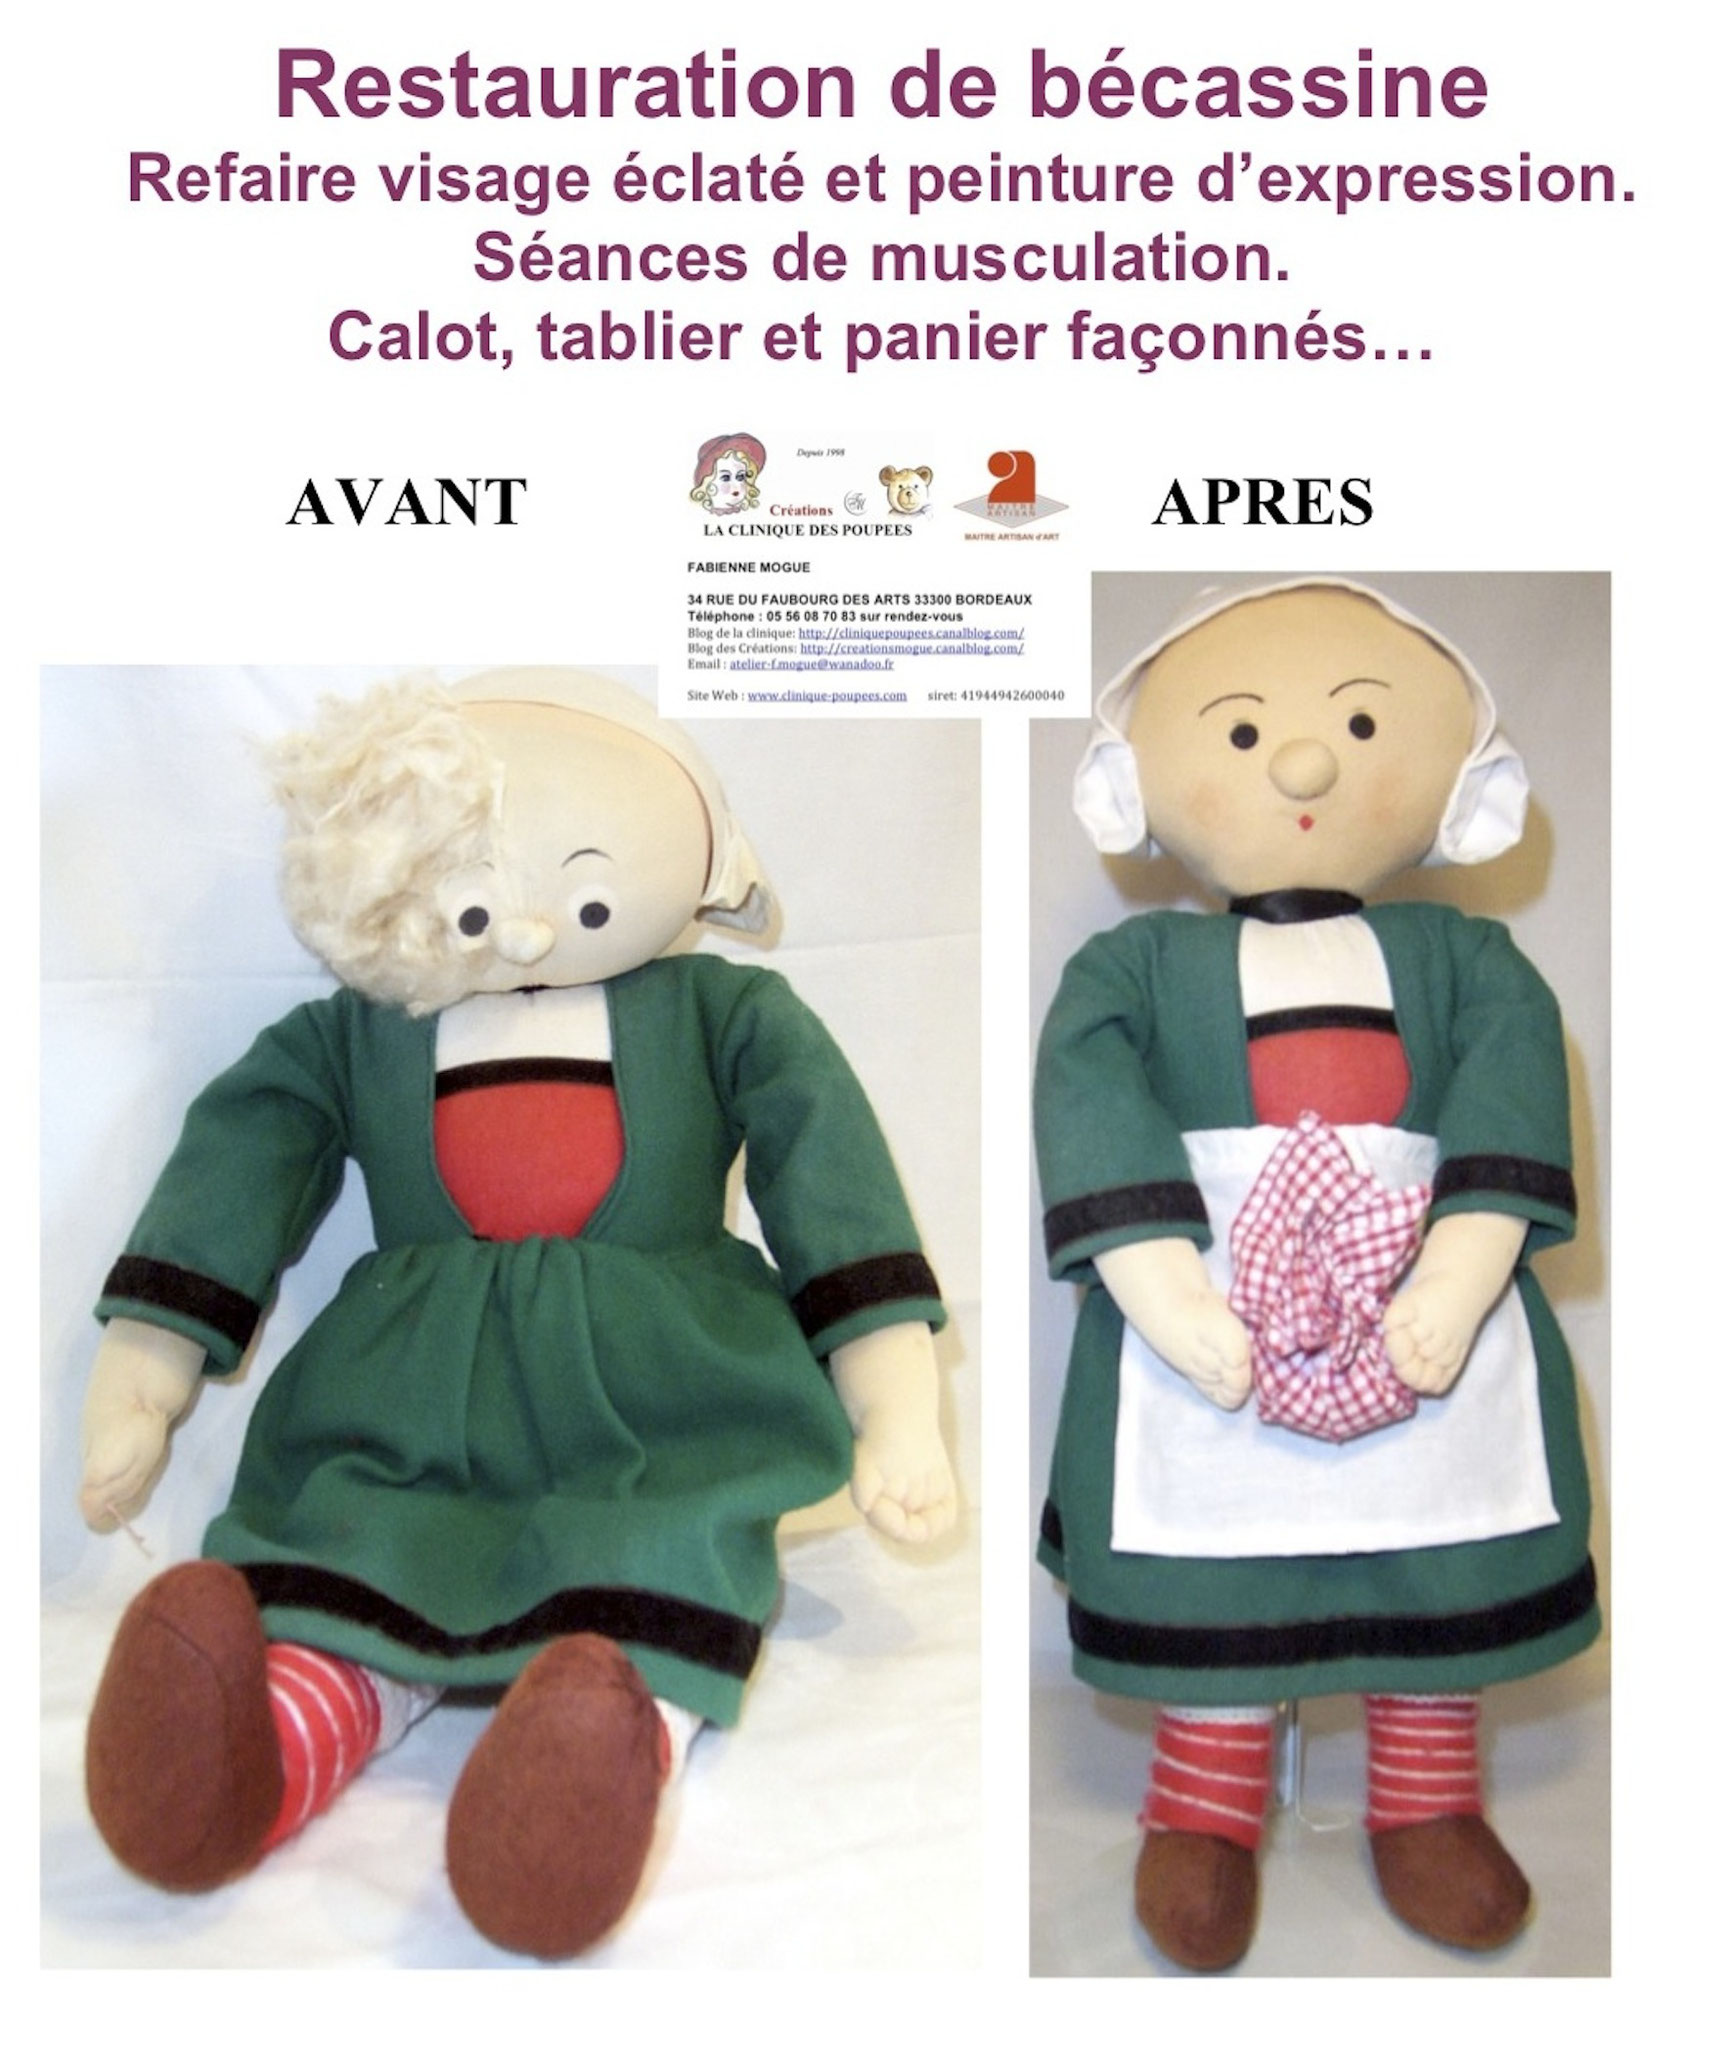 Bécassine à La clinique des poupées à Bordeaux, restauration bécassine complète fabienne mogue